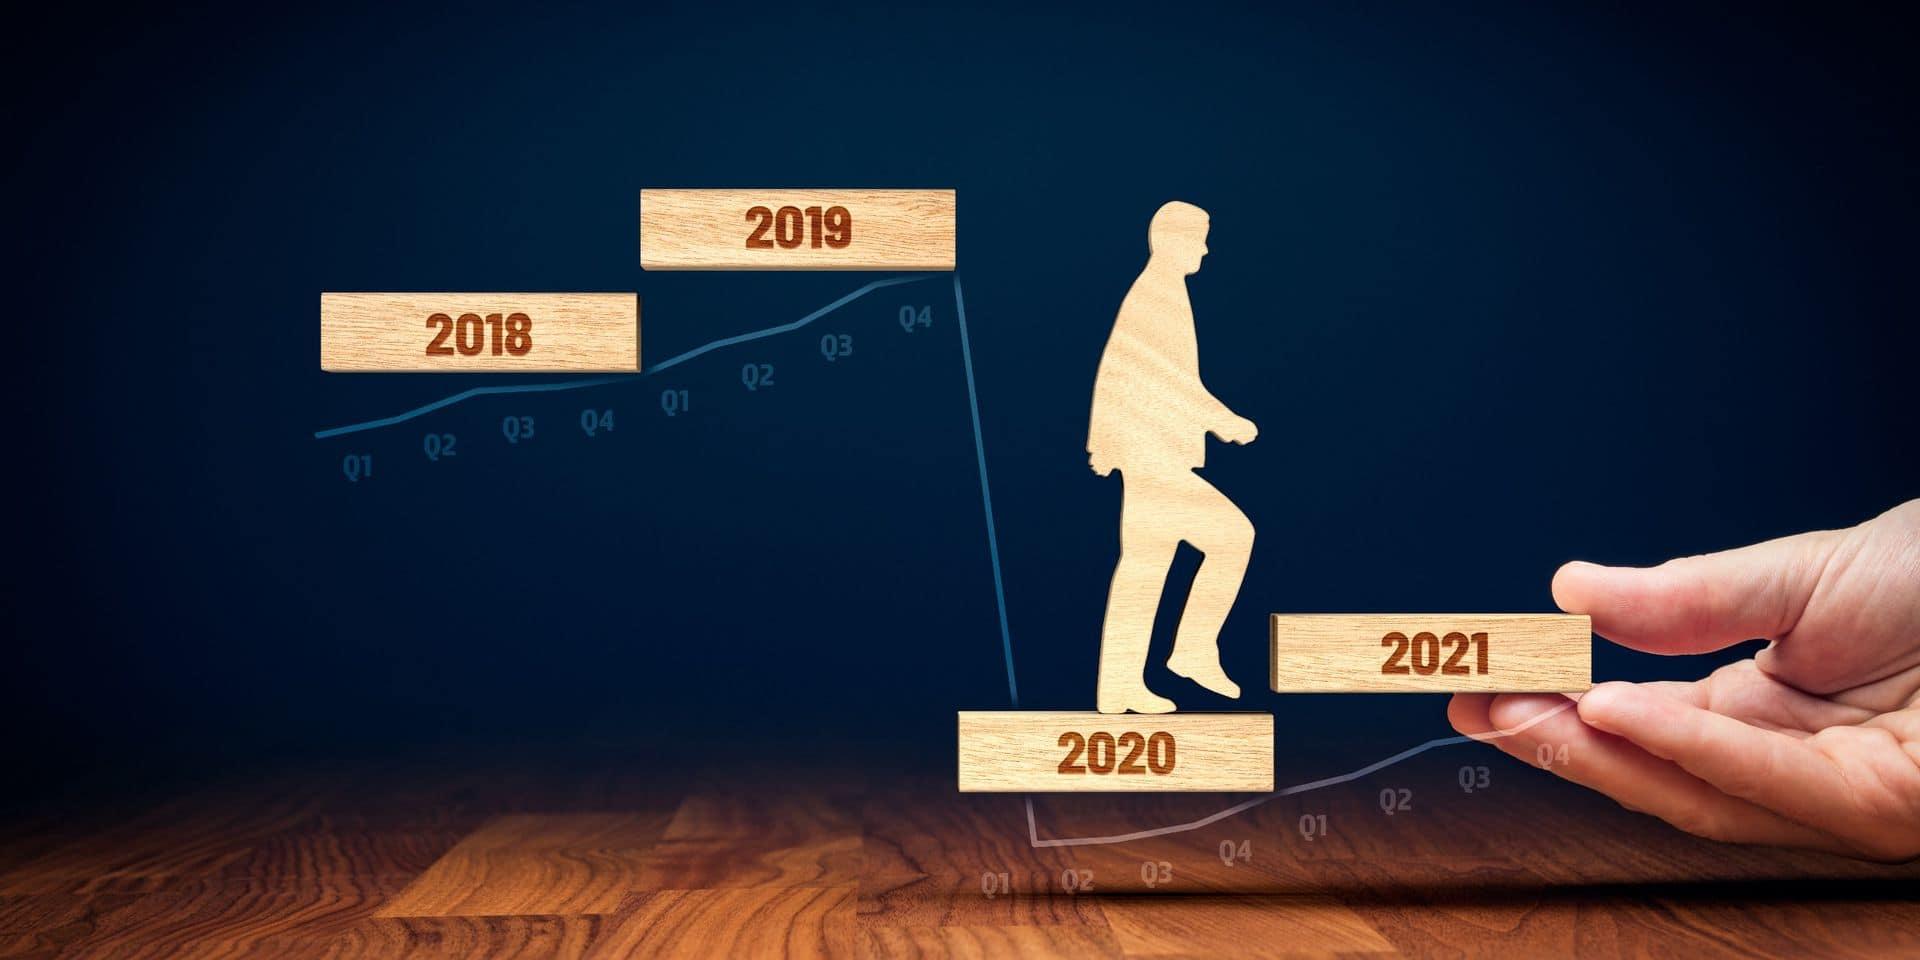 L'activité économique en Belgique a augmenté de 1 % durant le premier trimestre 2021